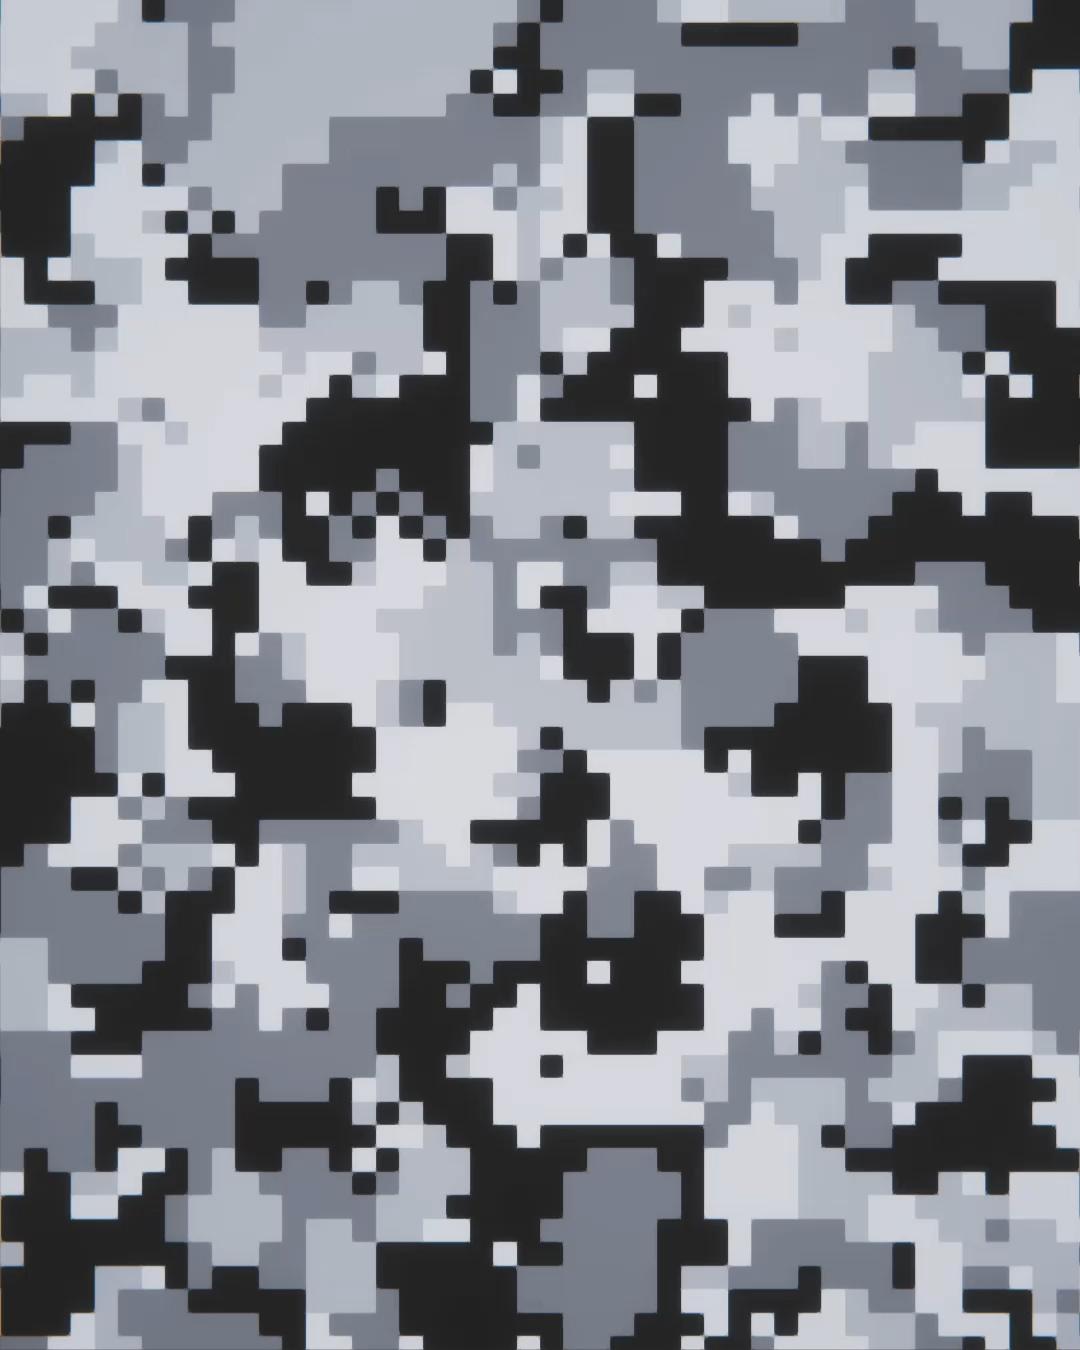 QRL_CCA2D_Generic_1_2_4_64_F01